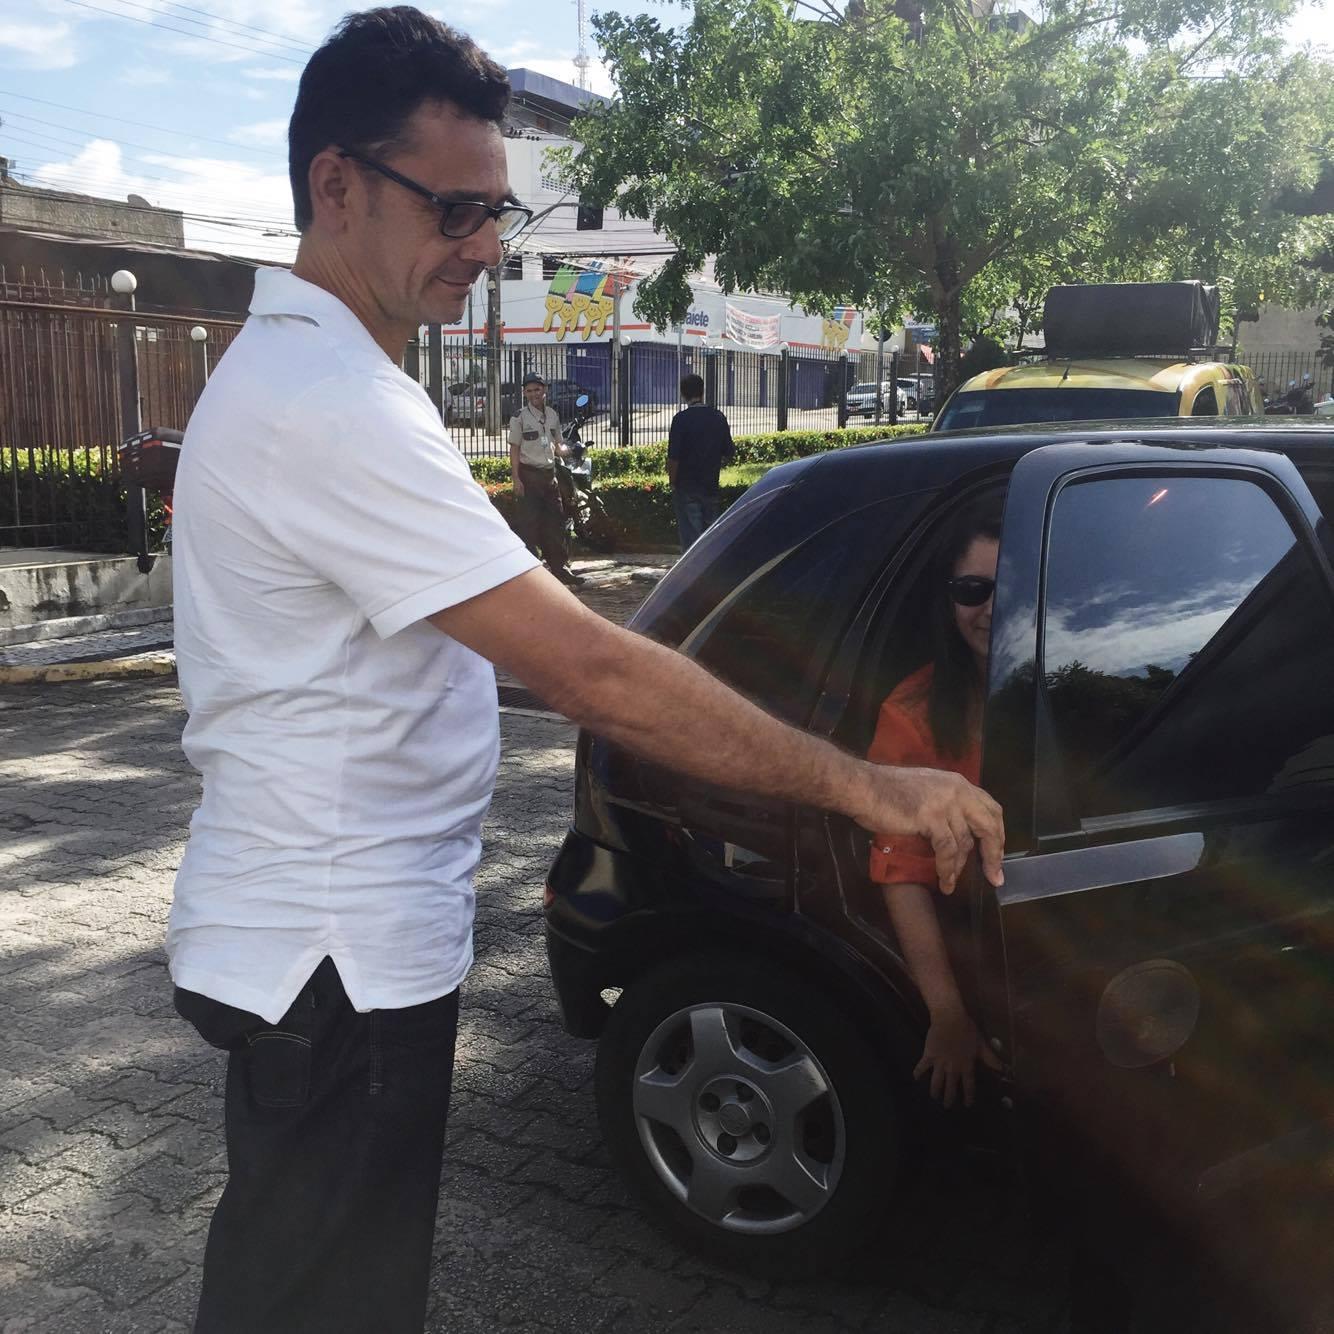 Tribuna Testou: Descubra se o polêmico Uber é tudo que disseram